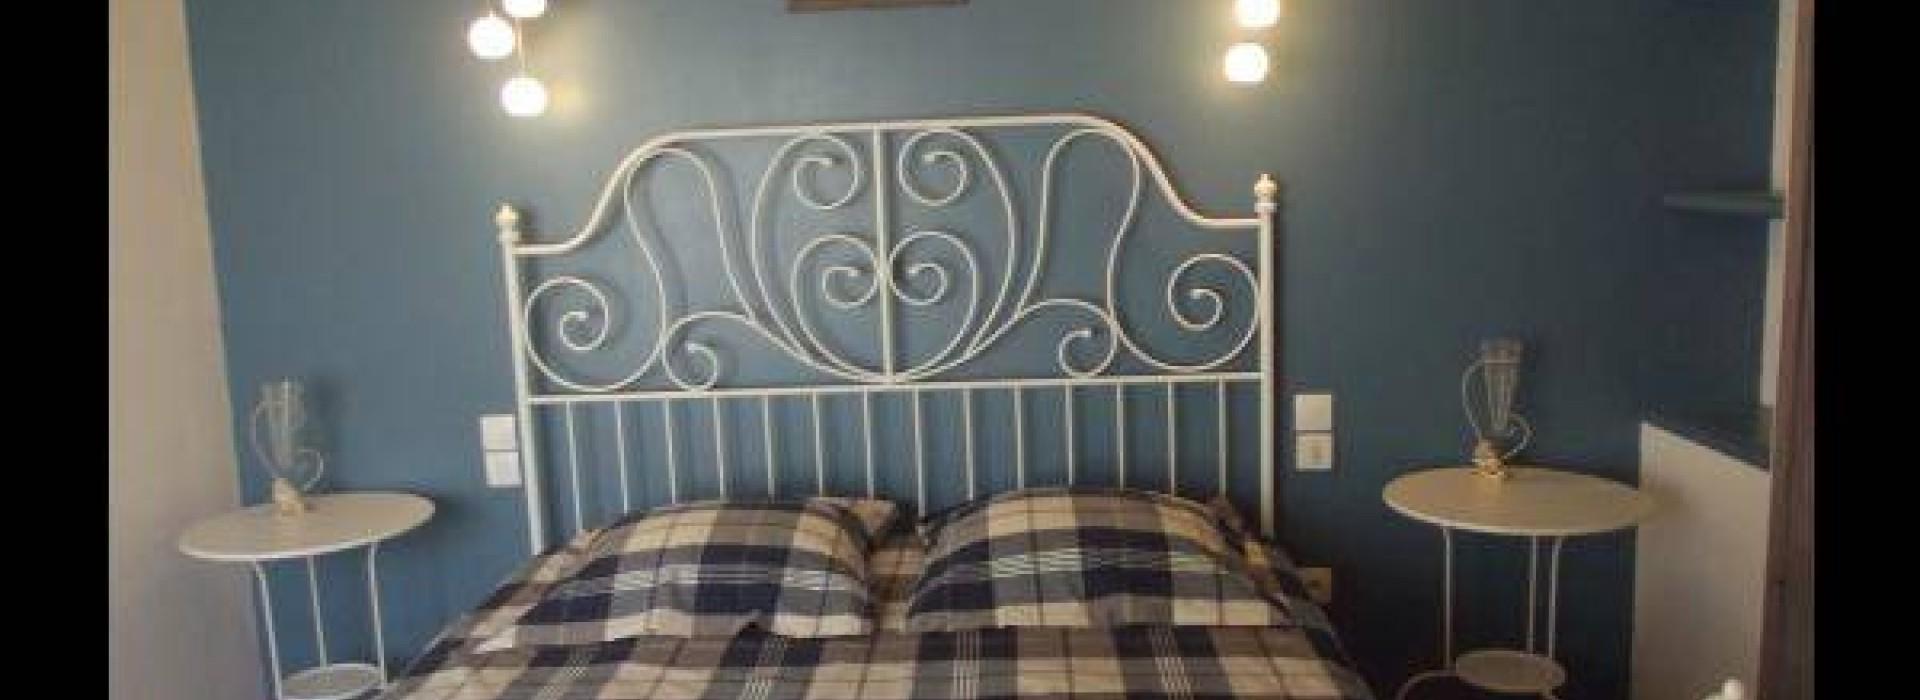 chambres d 39 hotes le clos fleuri chambre pervenche sur l 39 ile de noirmoutier g stezimmer. Black Bedroom Furniture Sets. Home Design Ideas